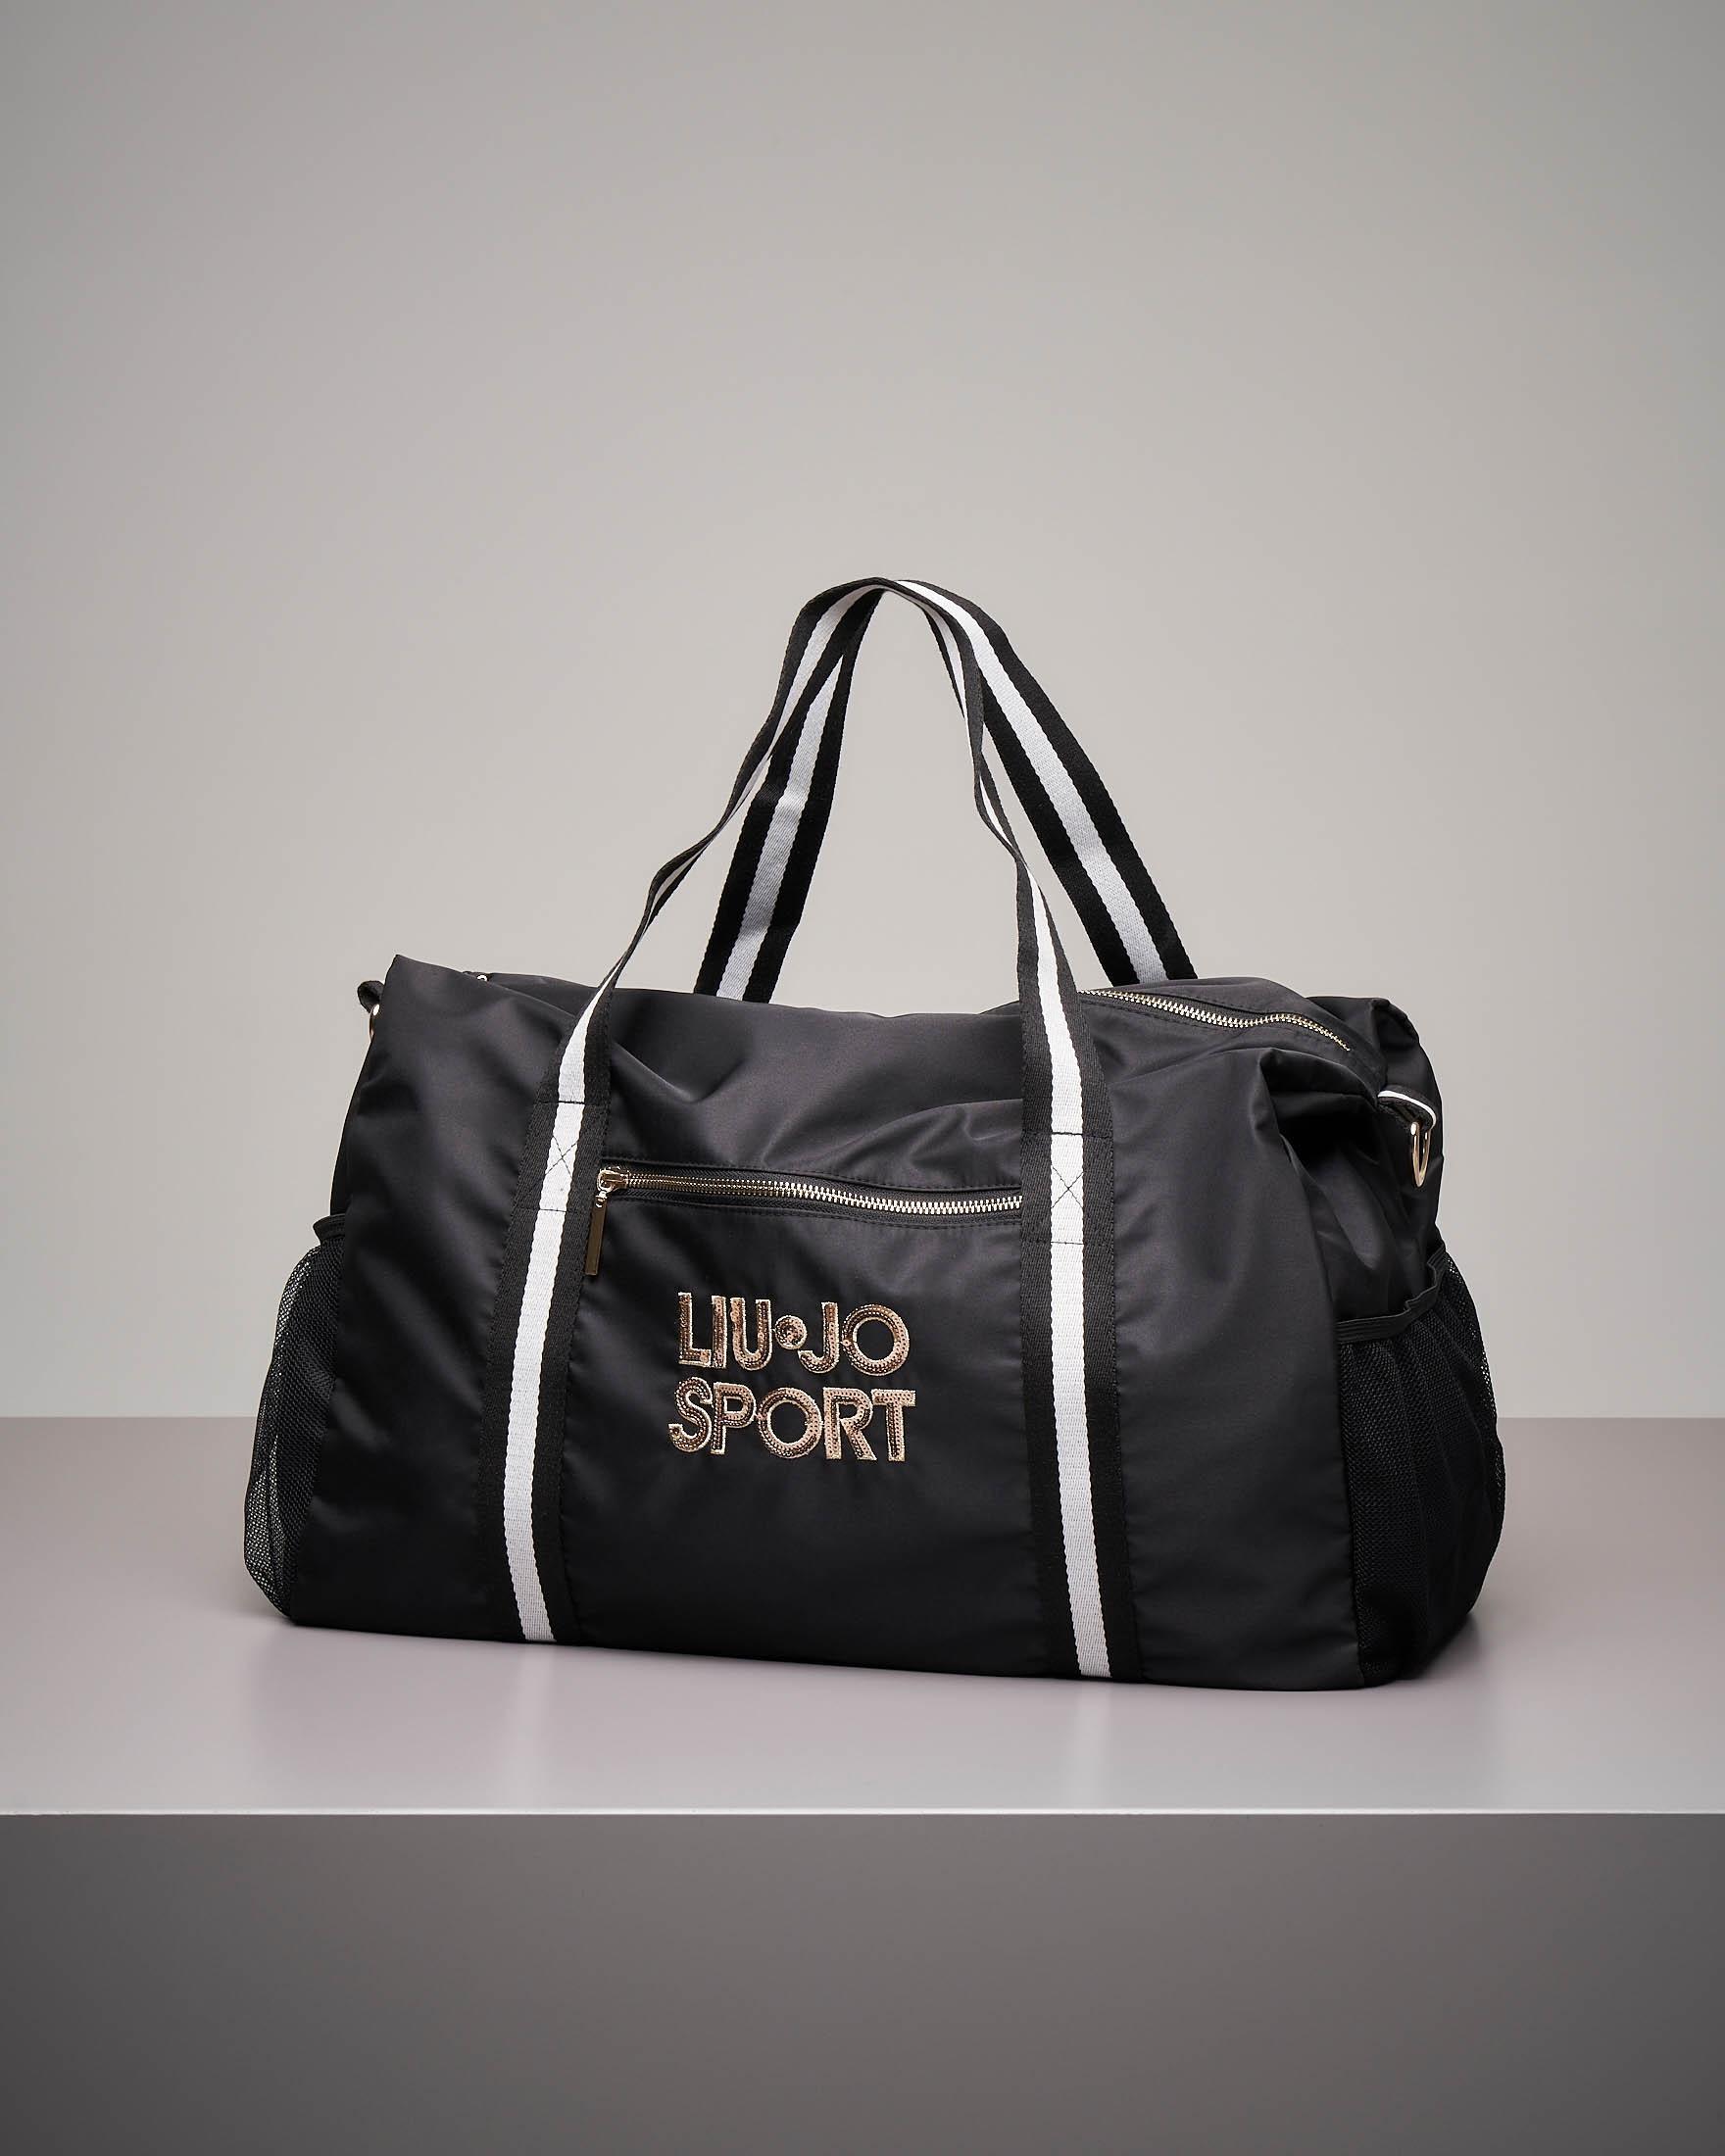 Maxi borsone nero in nylon con logo